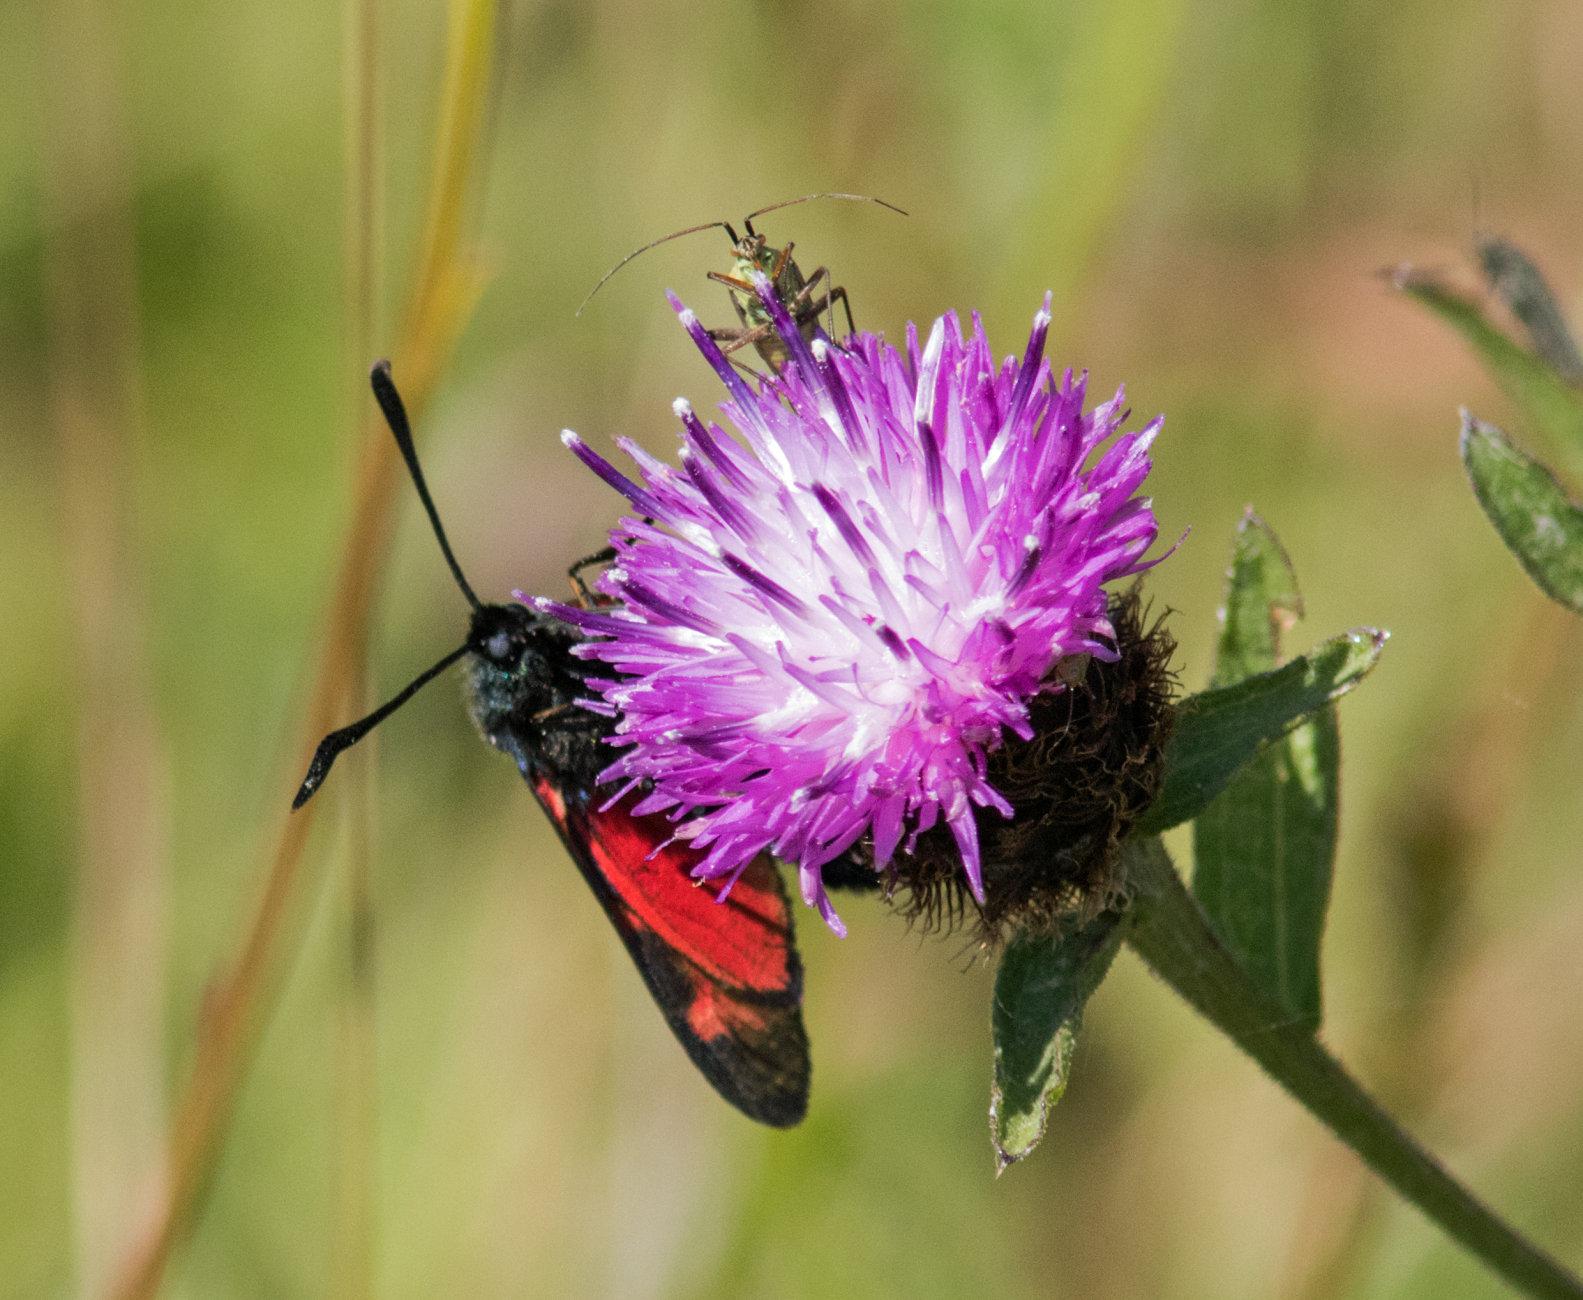 Burnet moth and friend